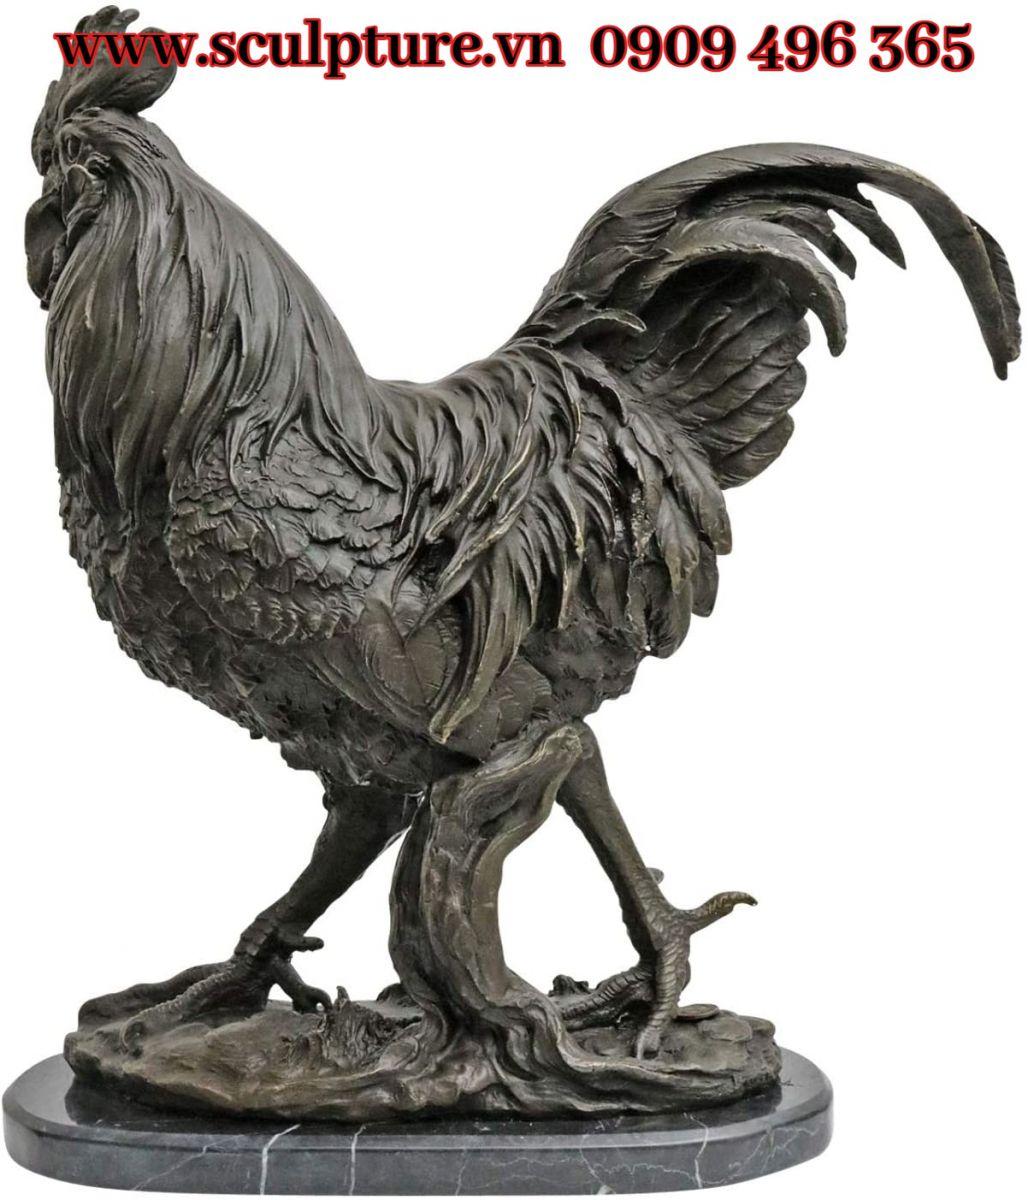 Tượng ddieu khắc kim loại giá rẻ